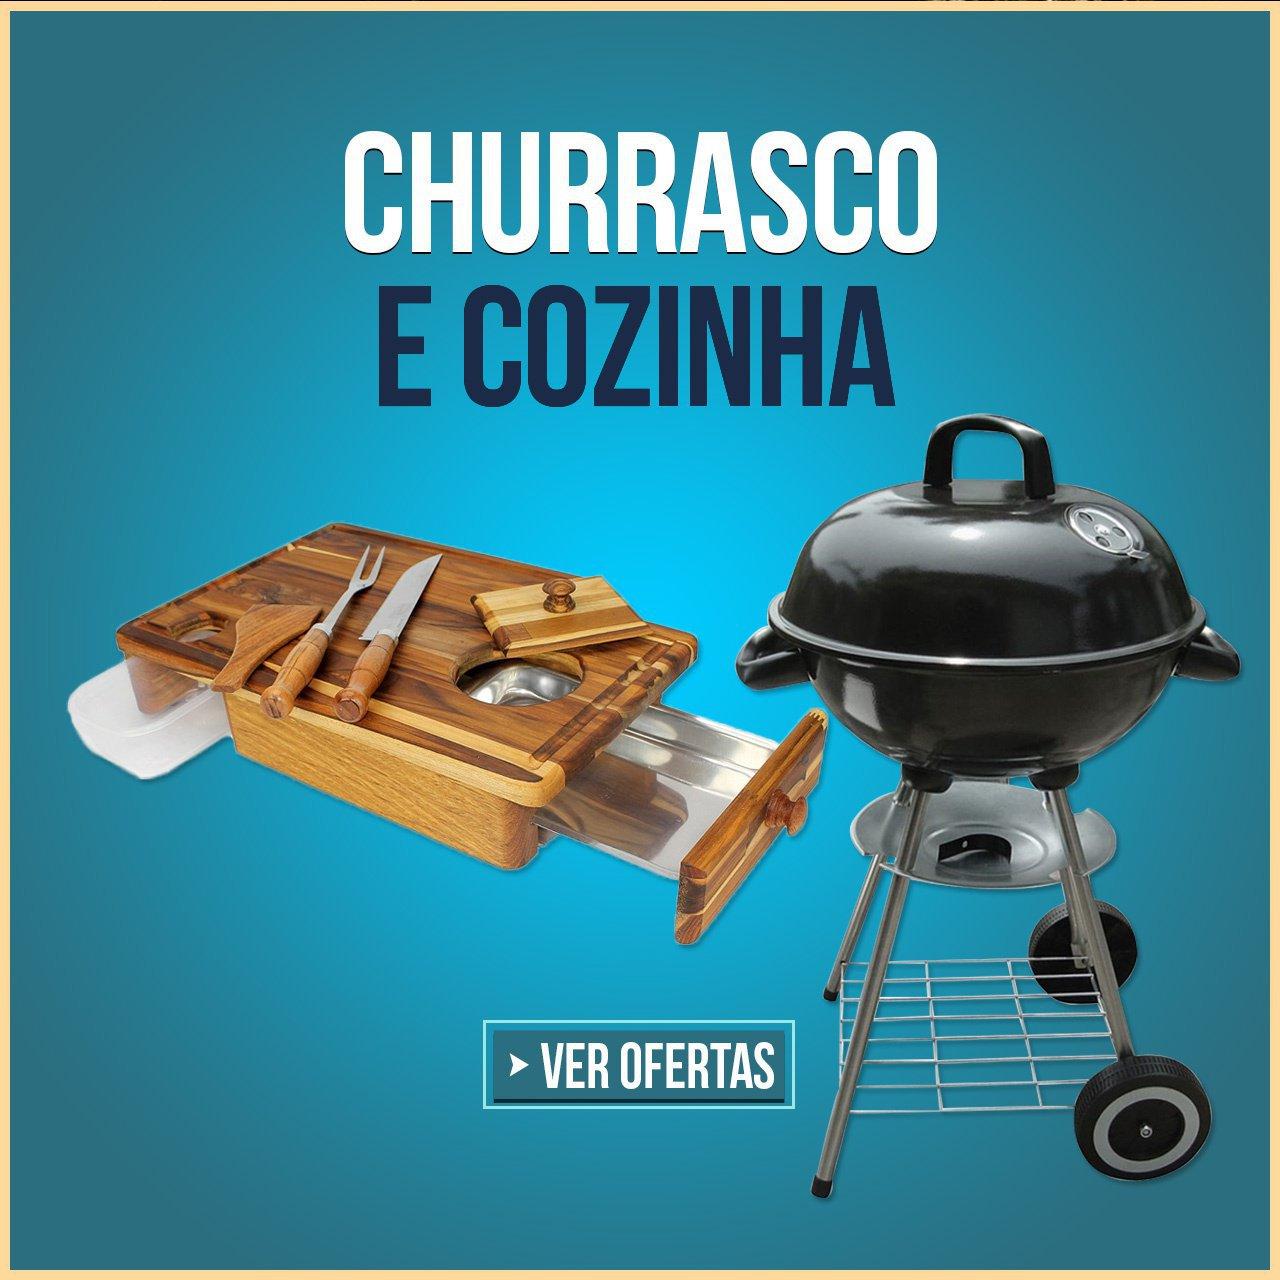 CHURRASCO E COZINHA